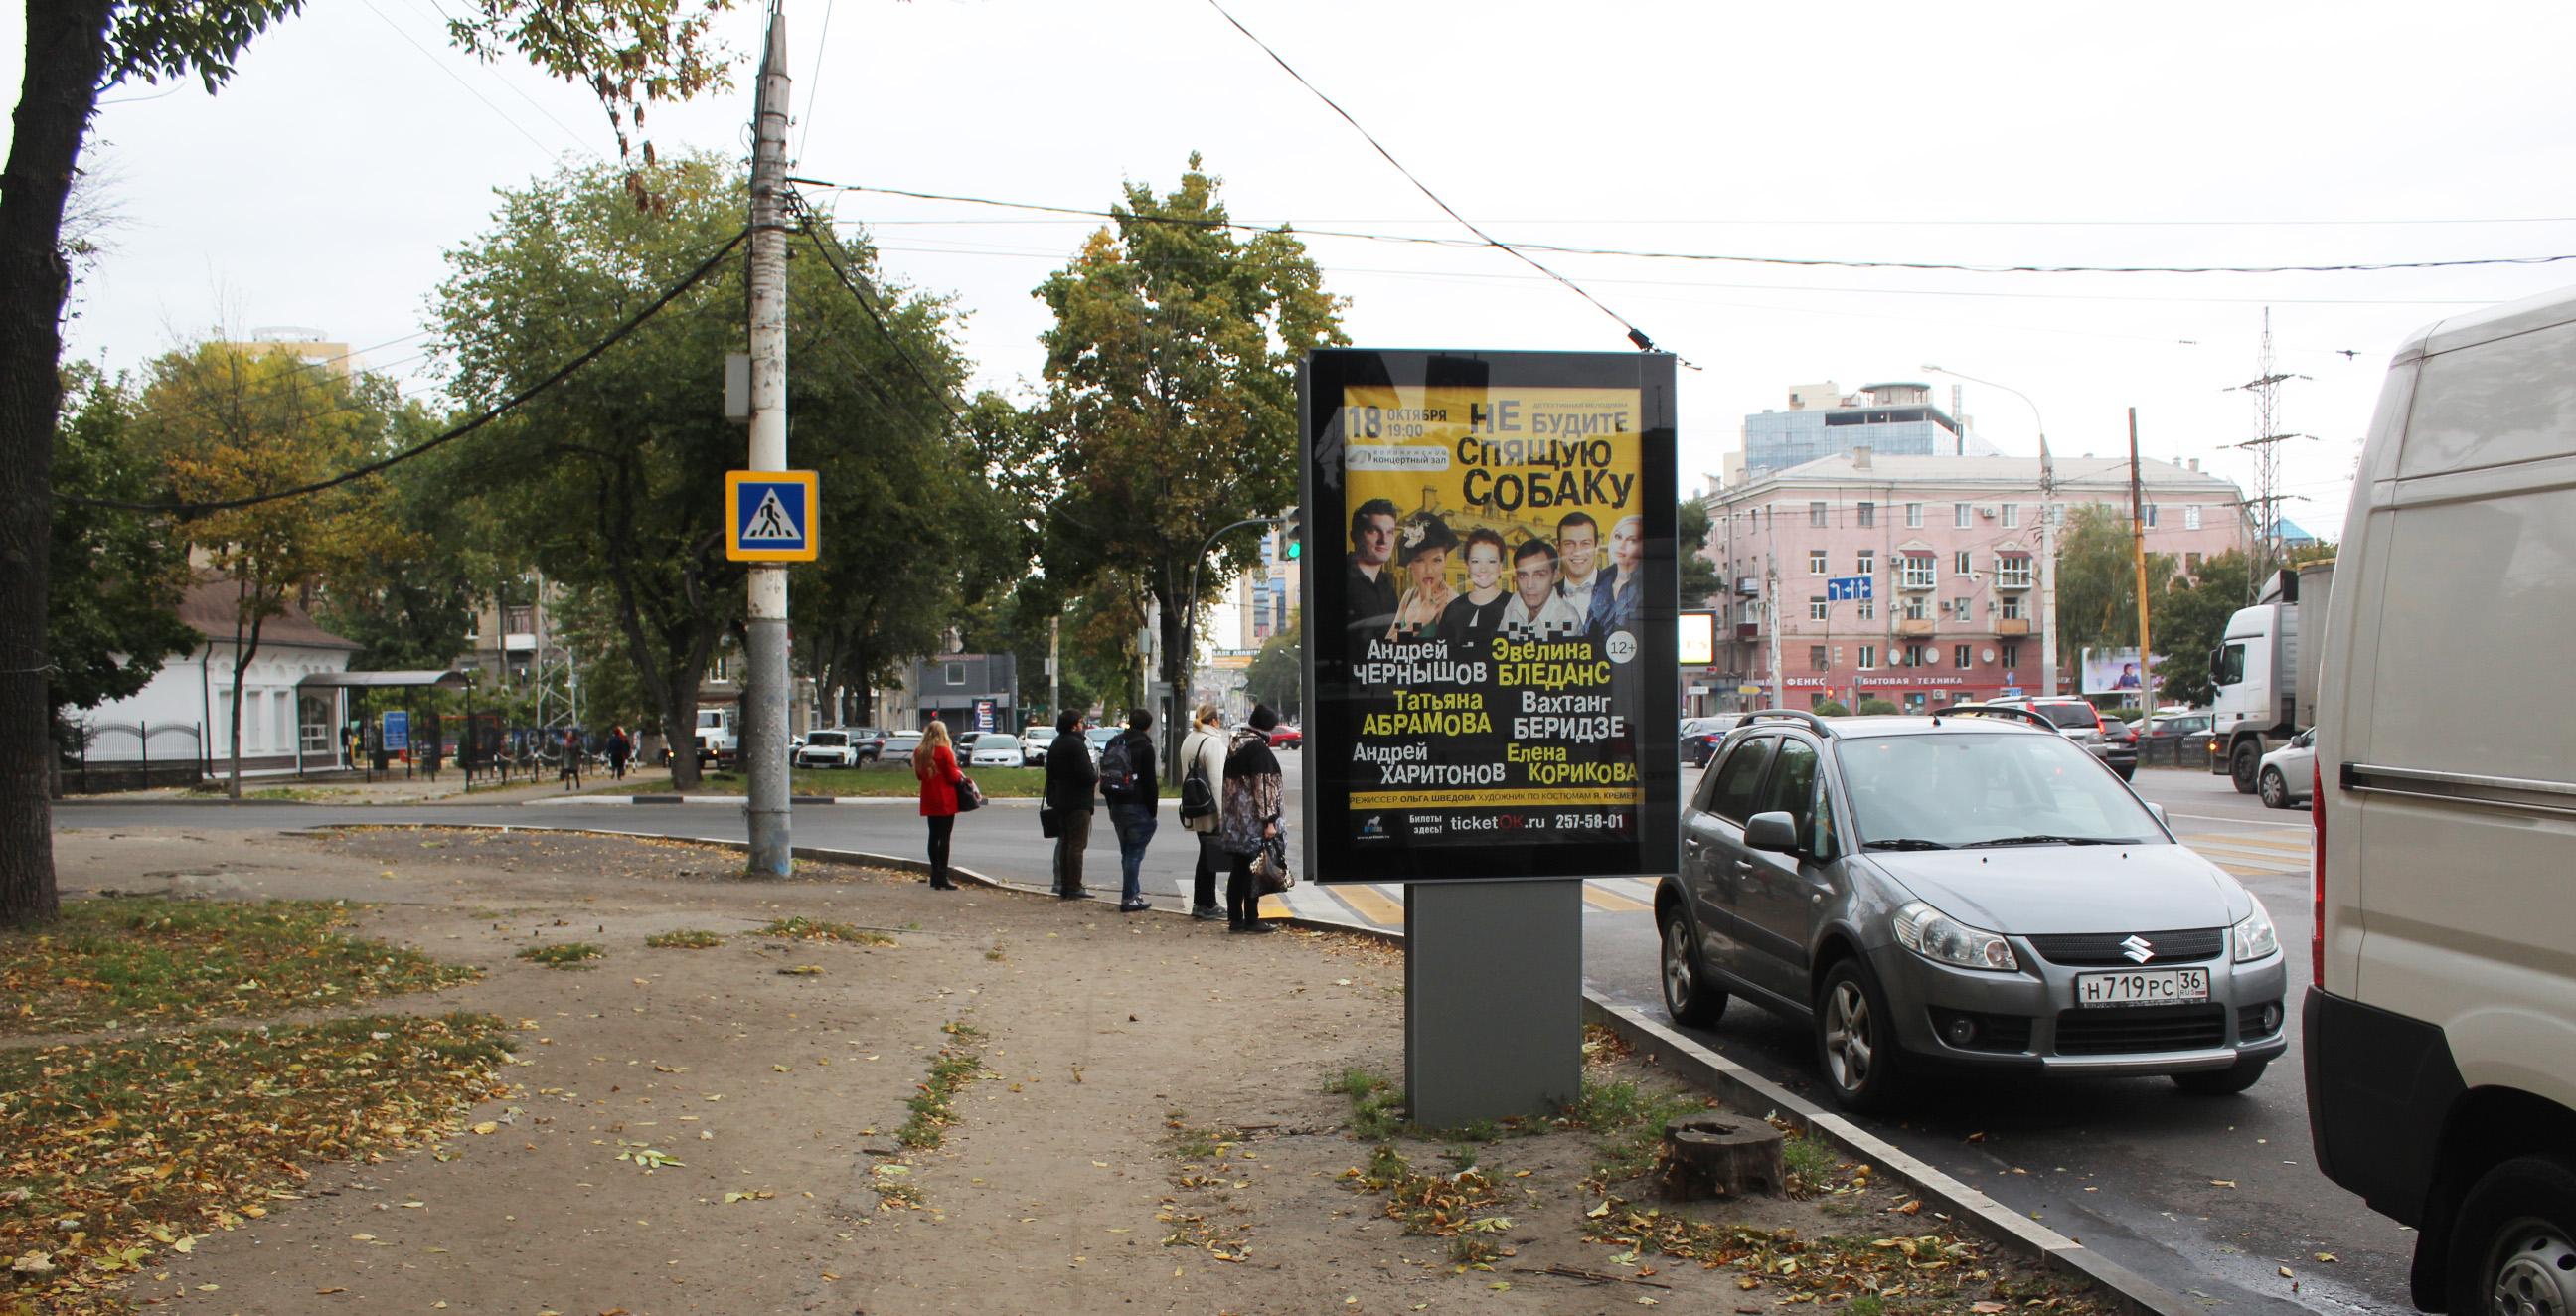 305В ул. Кольцовская, д. 68, позиция 19 (2)